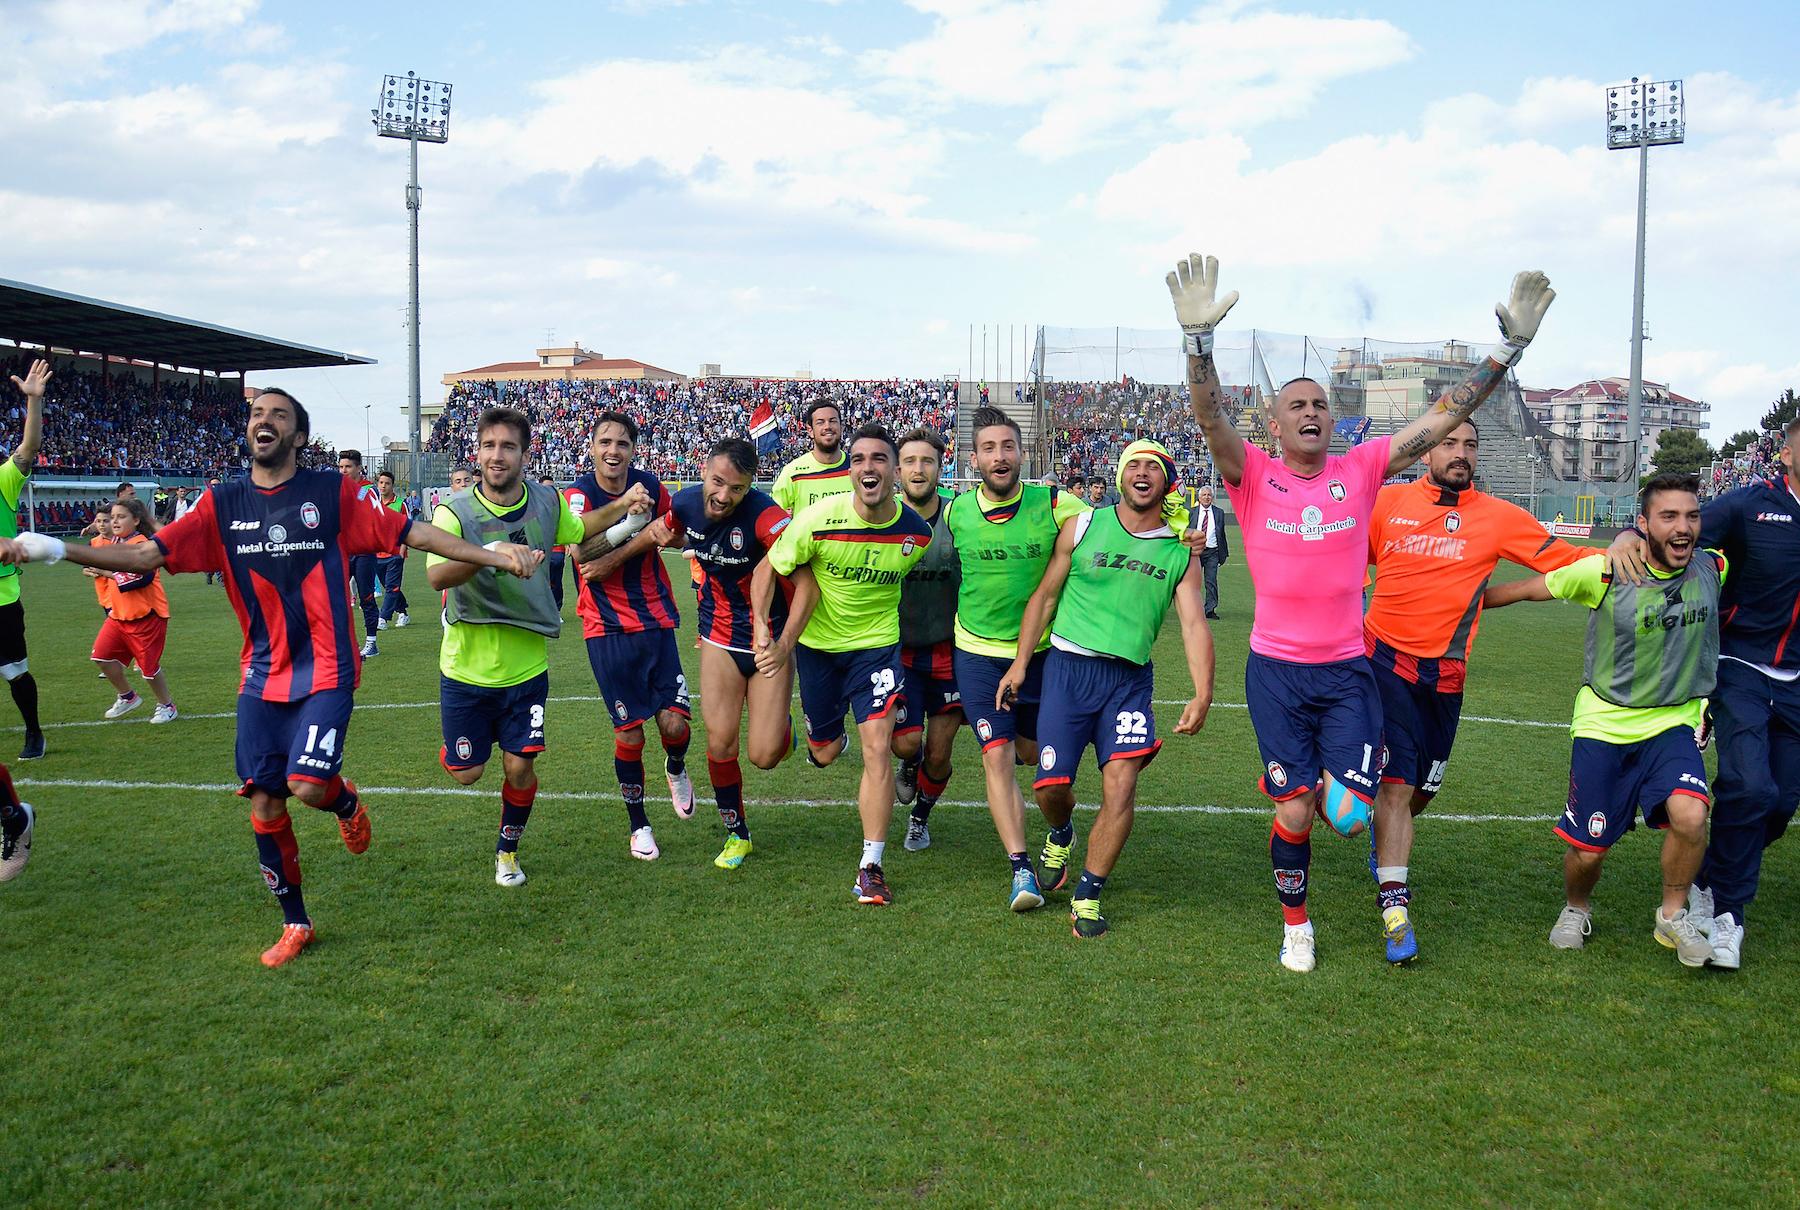 I giocatori del Crotone festeggiano davanti al proprio pubblico dopo la vittoria di settimana scorsa contro il Como